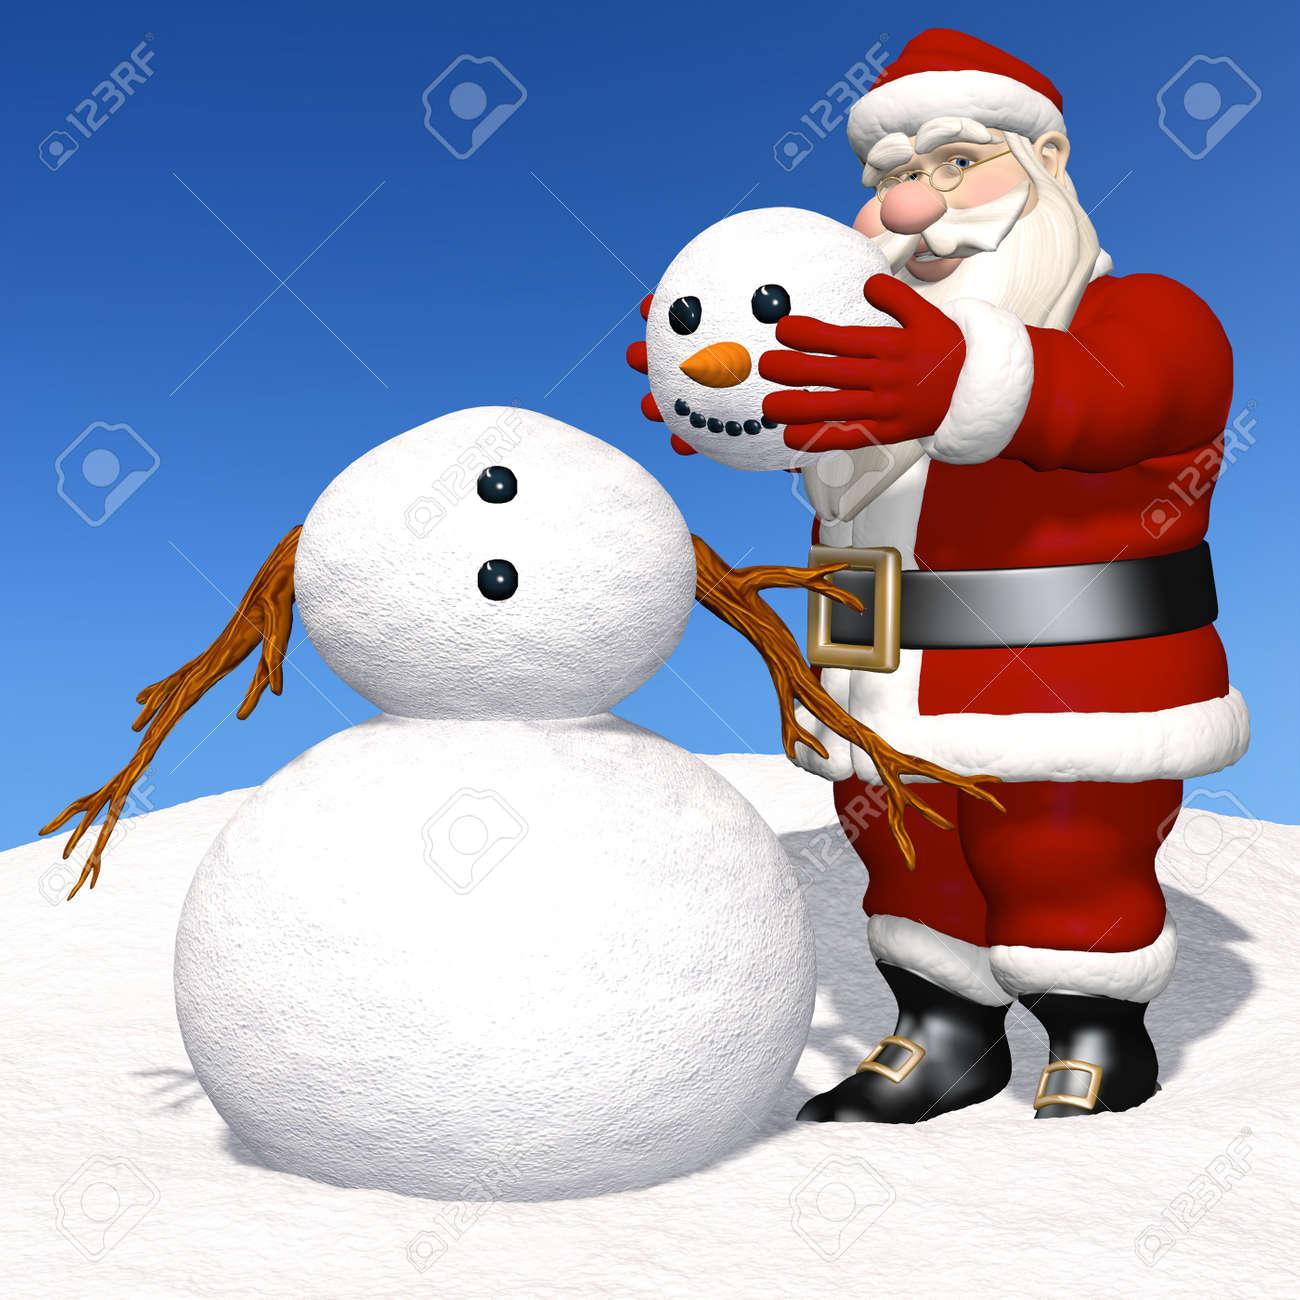 santa making a snowman santa claus putting the head on a snowman stock photo 16007281 - Snowman Santa